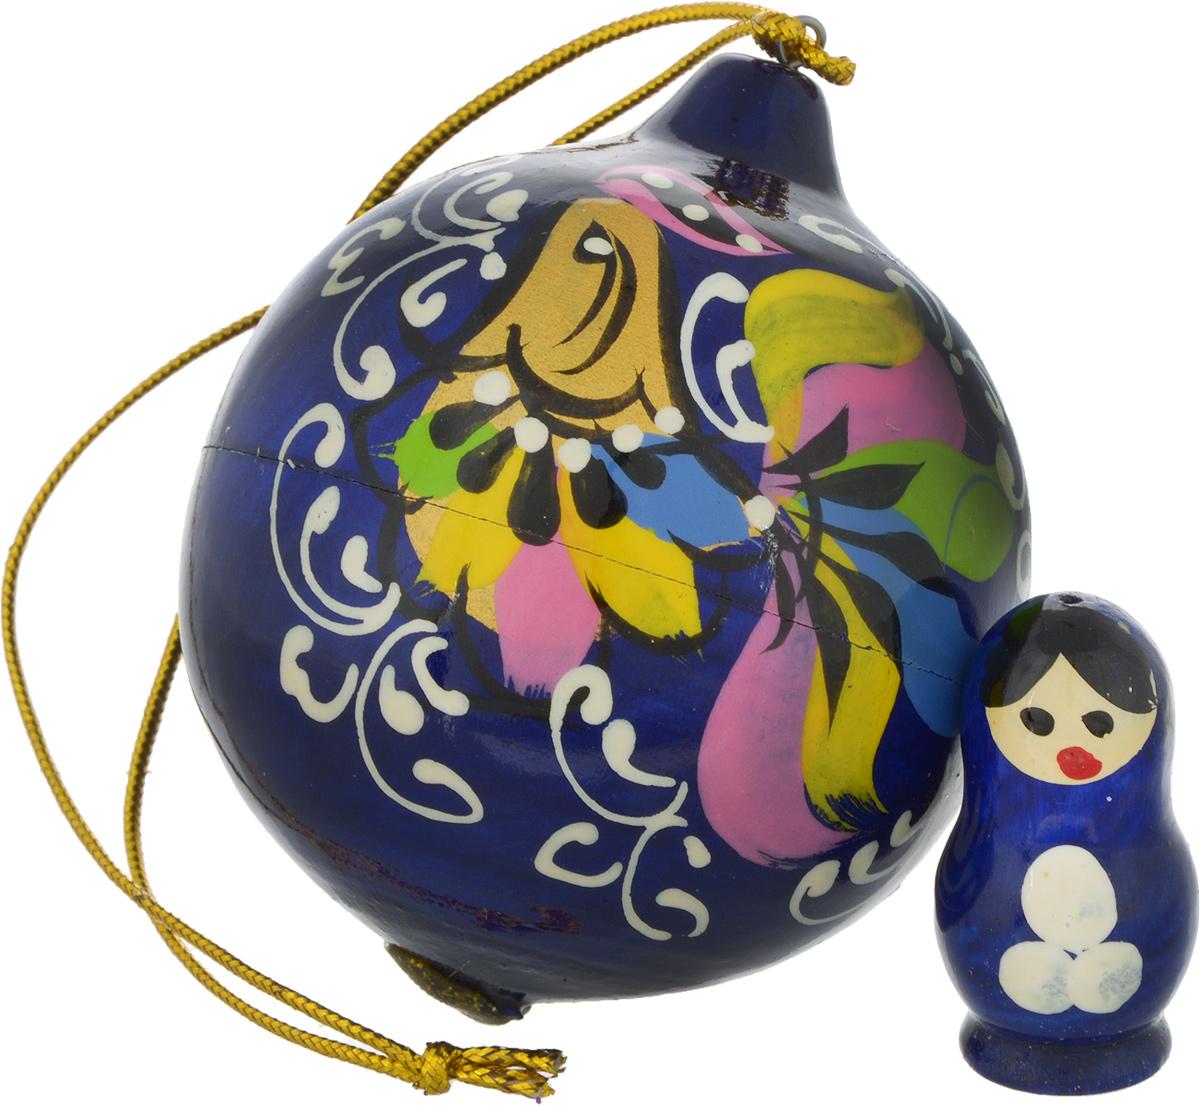 Сувенир-подвеска Шар. Птица1428855Изображение петуха является символом 2017 года. Этот талисман оградит от невзгод и поможет во всех начинаниях. Подарите удачу себе и близким!